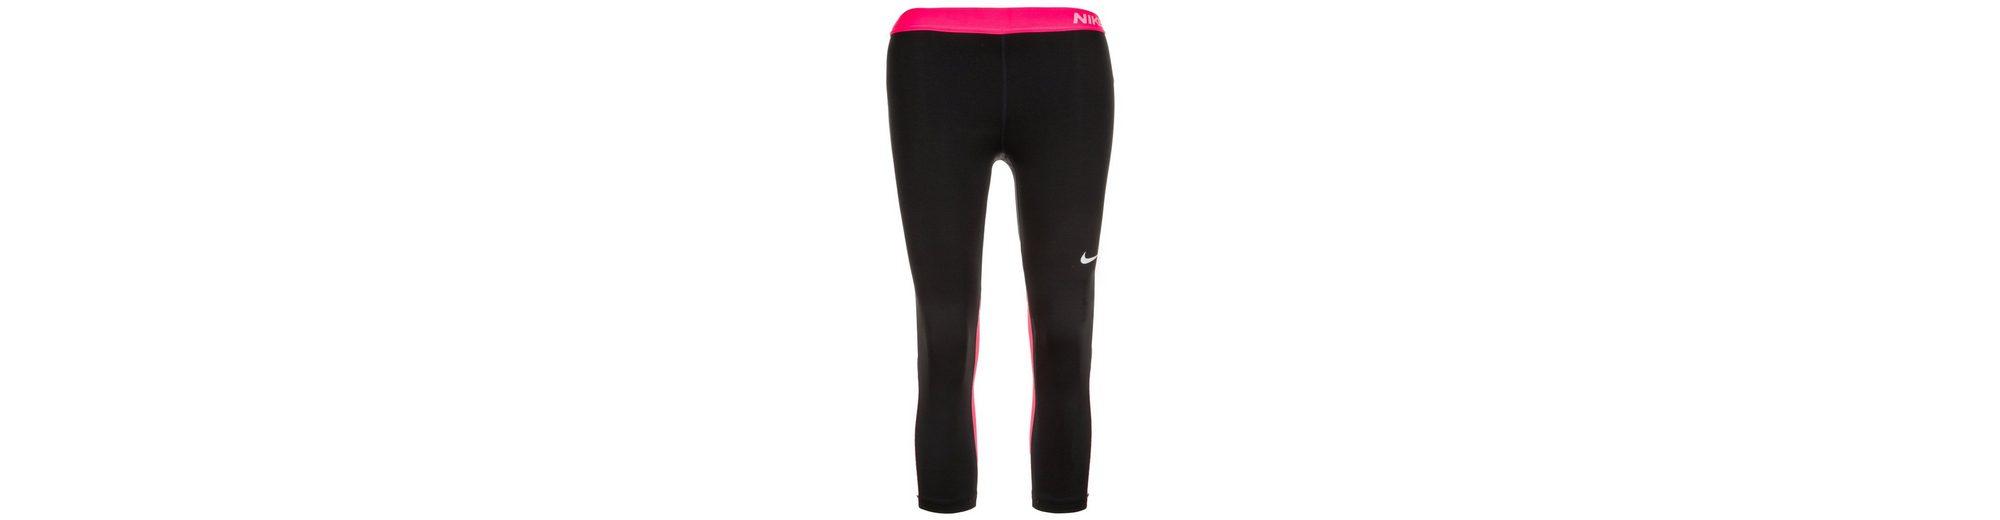 Billig Verkauf Angebote Nike Funktionstights Pro Capri Top-Qualität Online Aus Deutschland Niedrig Versandkosten bSVEAyh